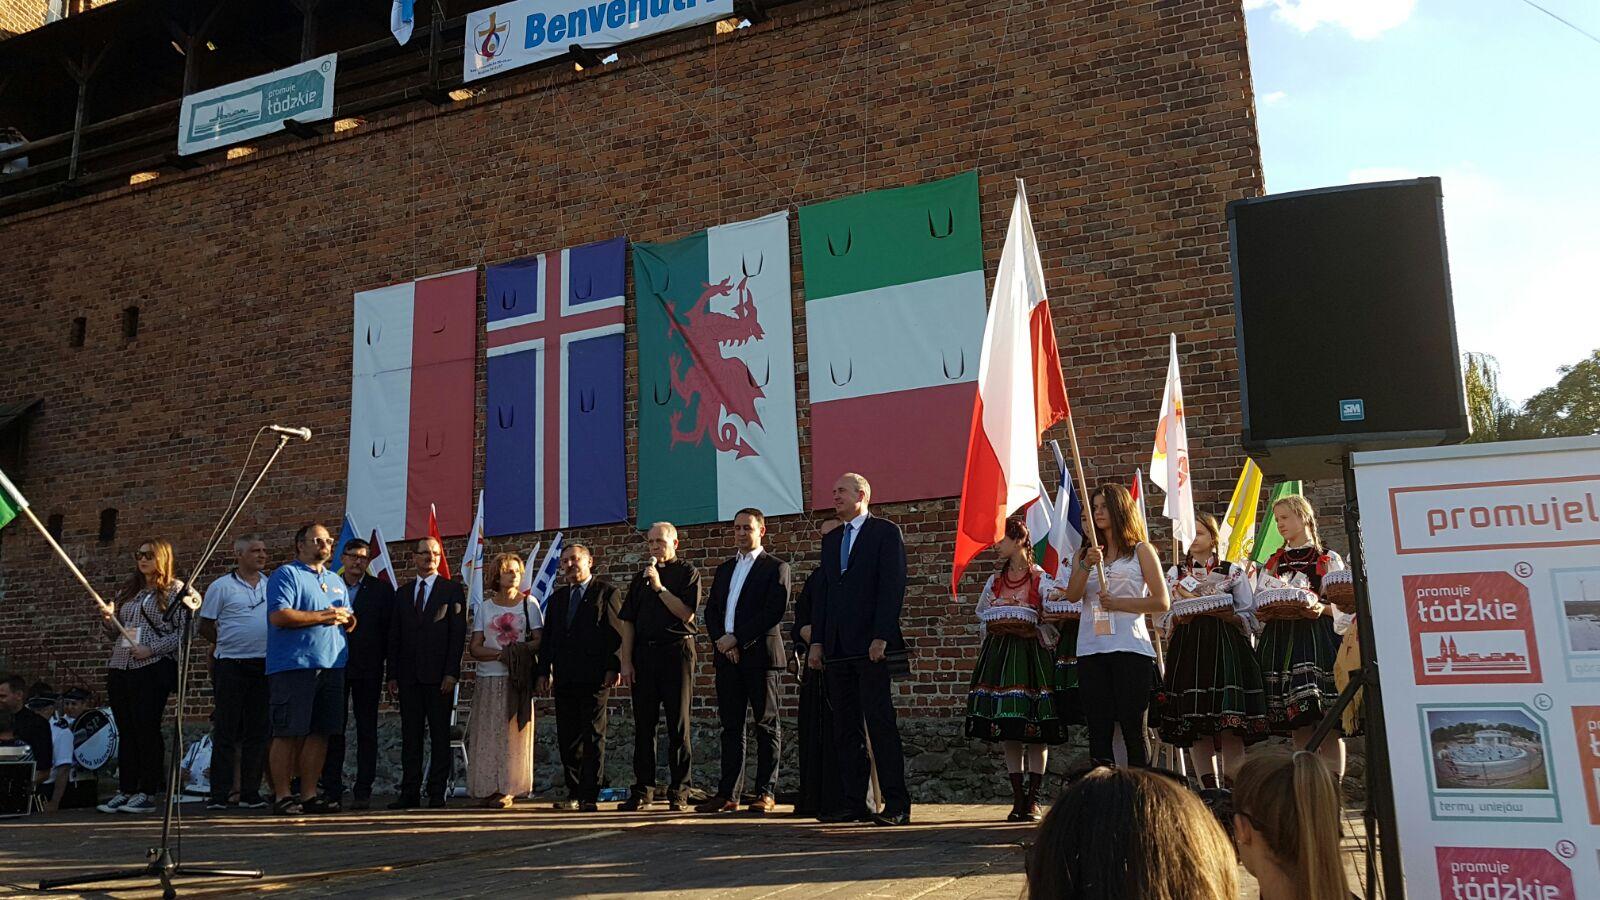 Il cuore della Polonia accoglie i ragazzi di #OhMyGod